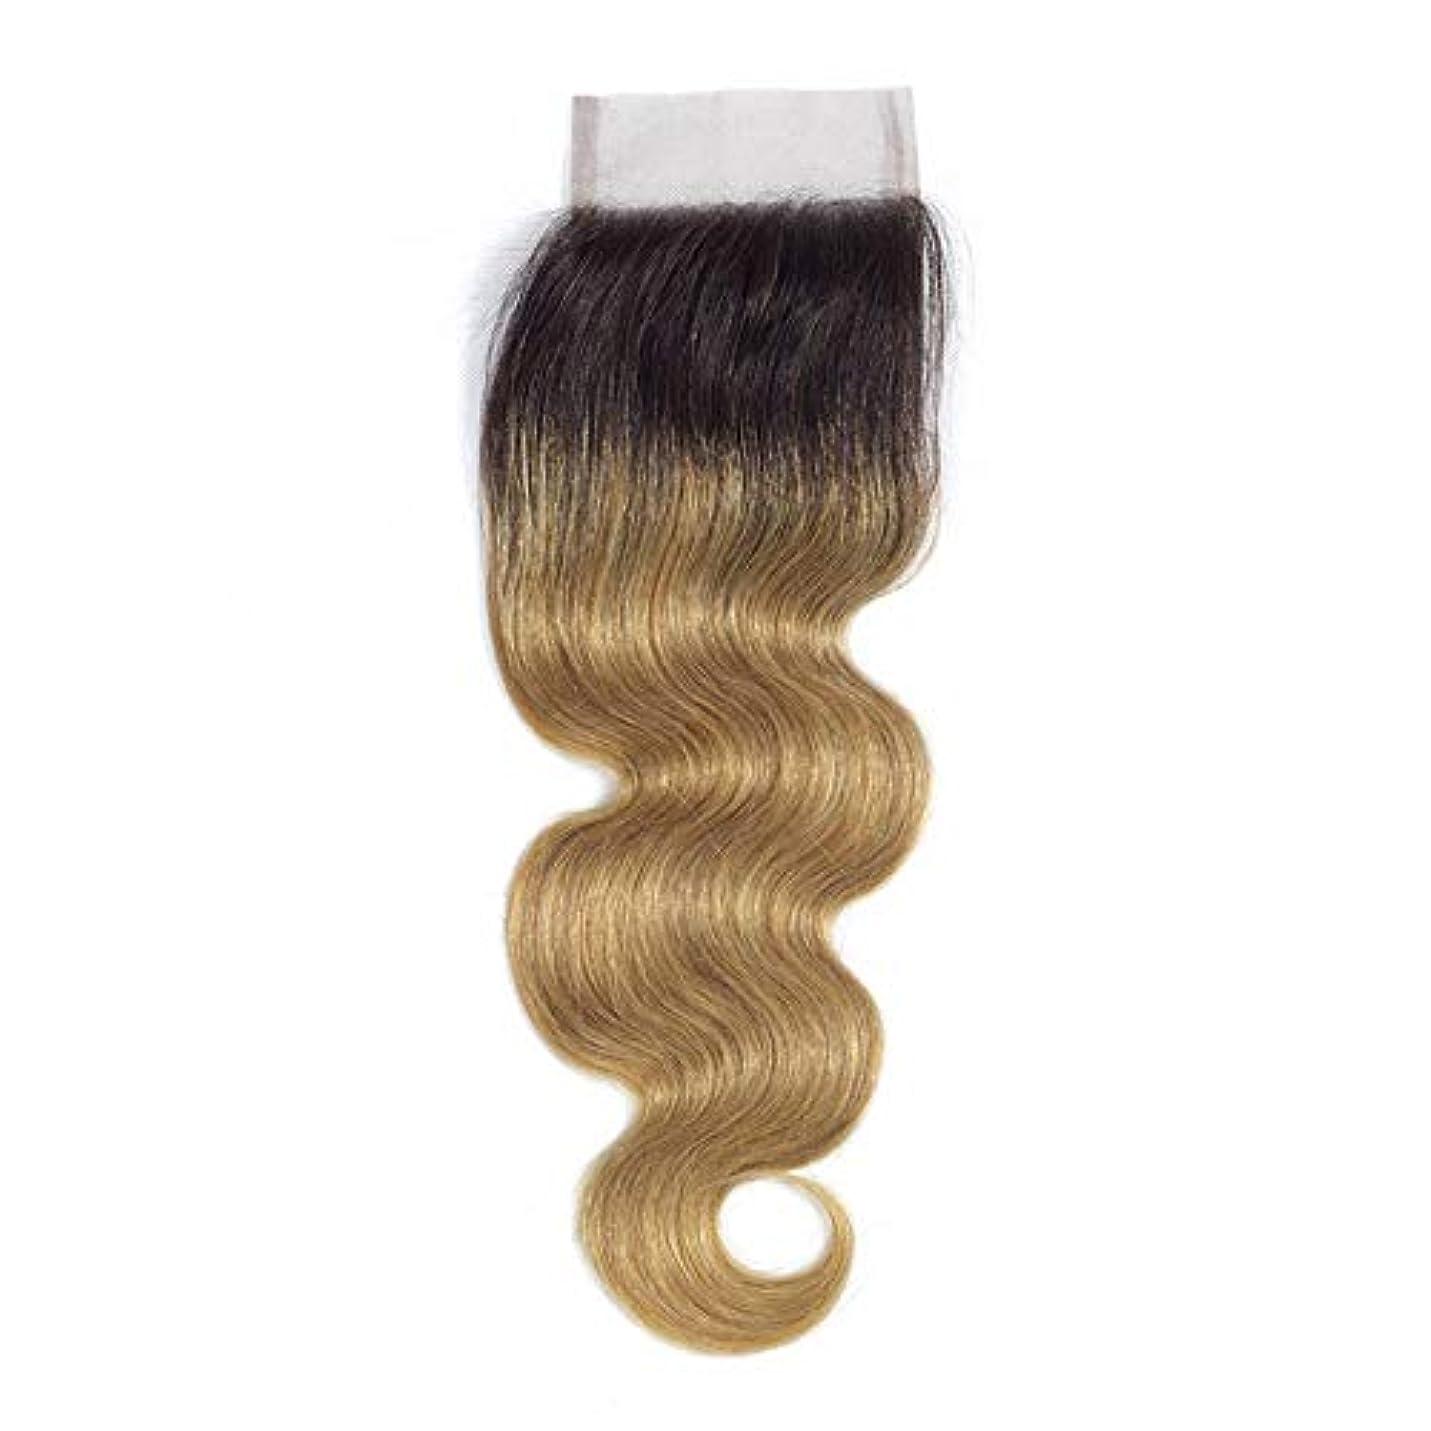 次サワーリベラルYESONEEP 人間の髪織りバンドルナチュラルヘアエクステンション横糸 - ボディウェーブ - ナチュラルブラックカラー(1バンドル、100g)ロングカーリーウィッグ (色 : ブラウン, サイズ : 8 inch)